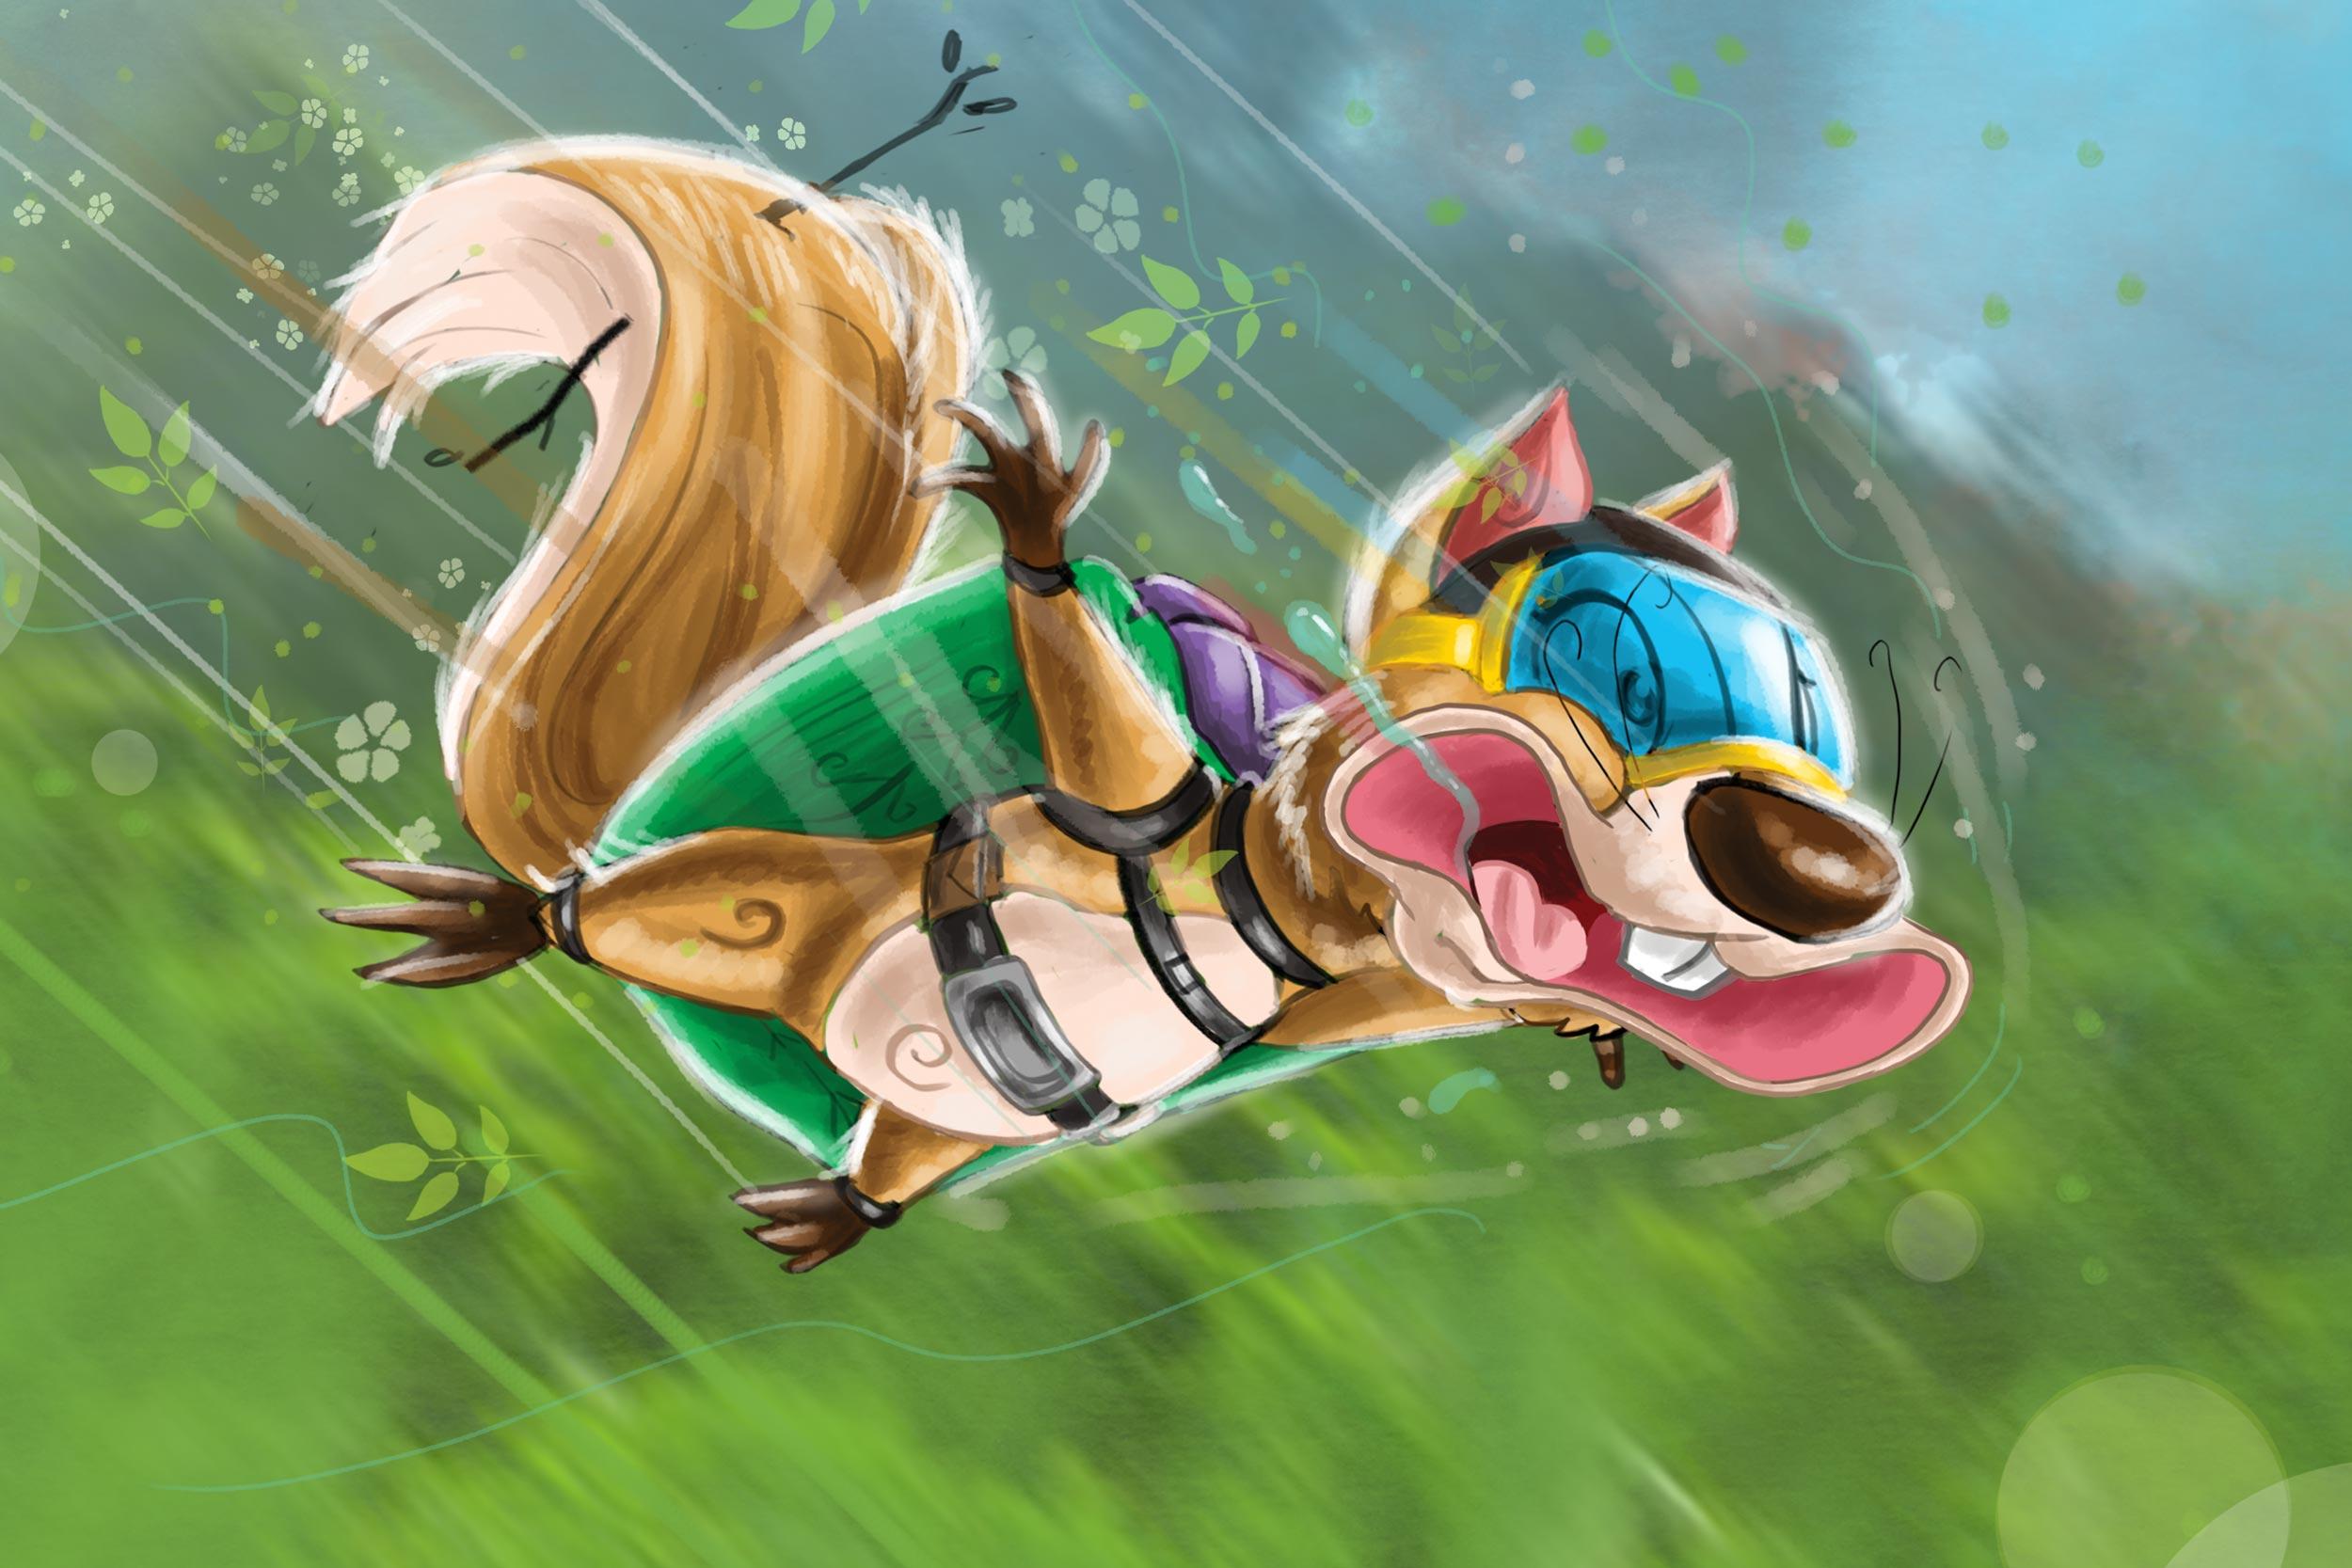 journey-of-puddle-christian-illustrated-children-books-illustration-7.jpg